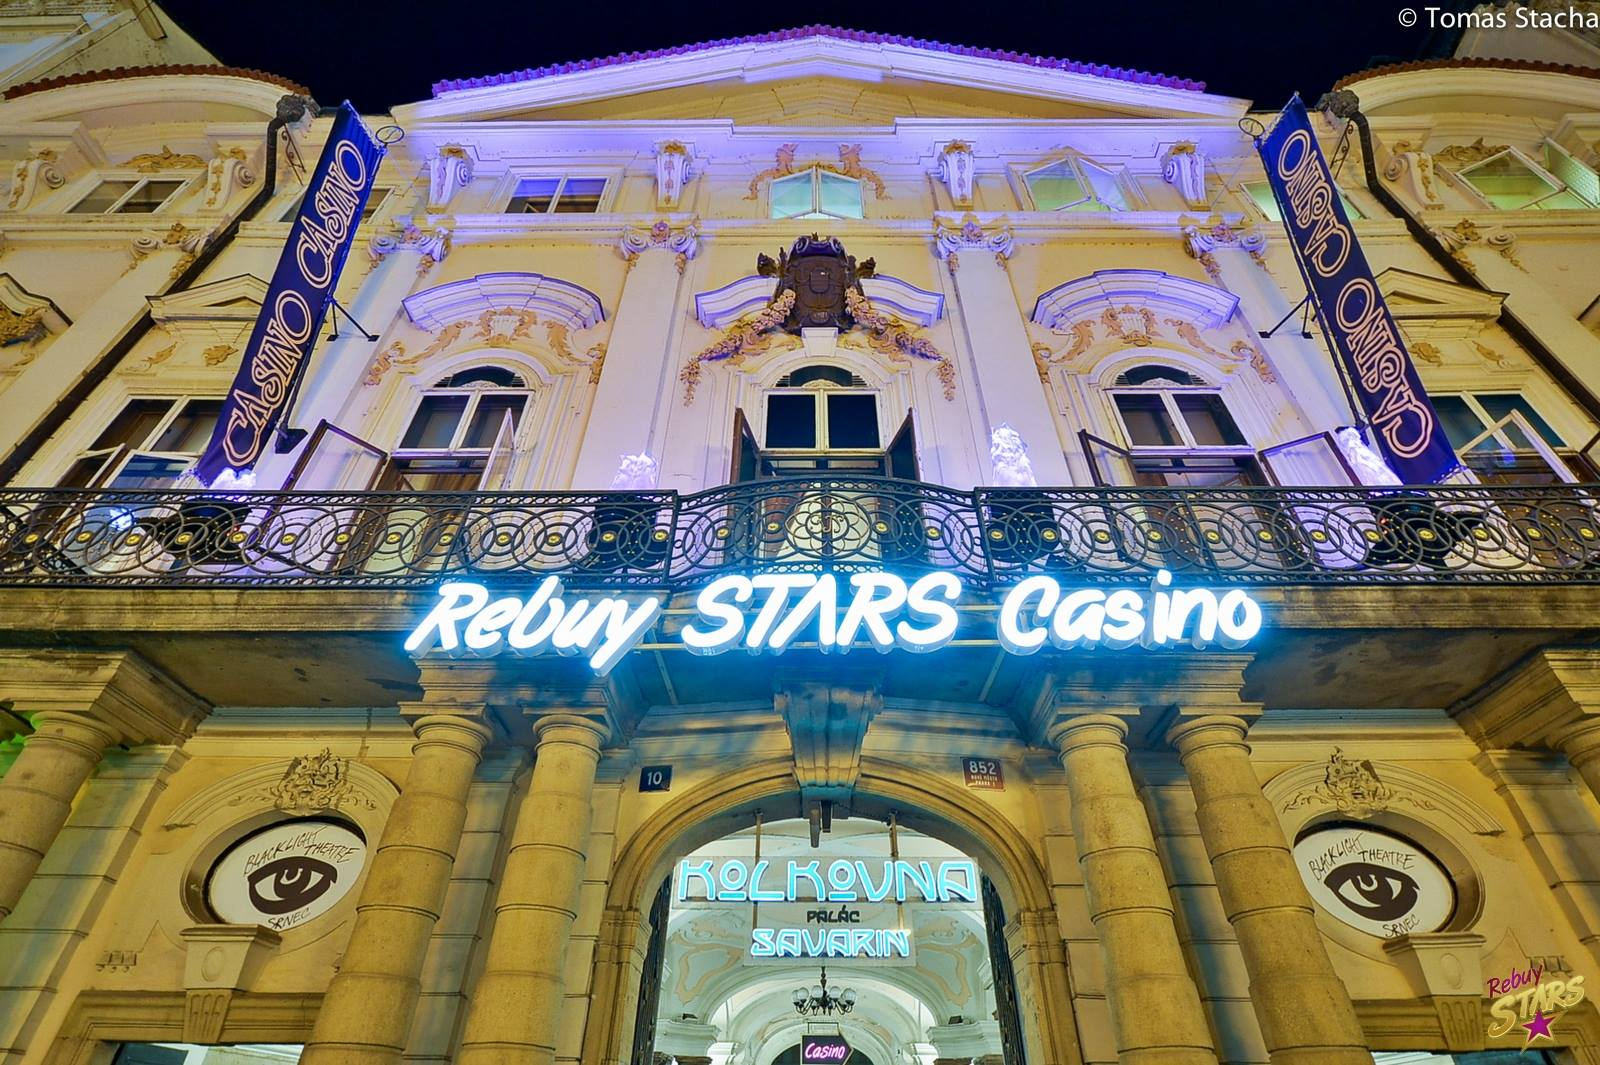 Rebuy stars casino